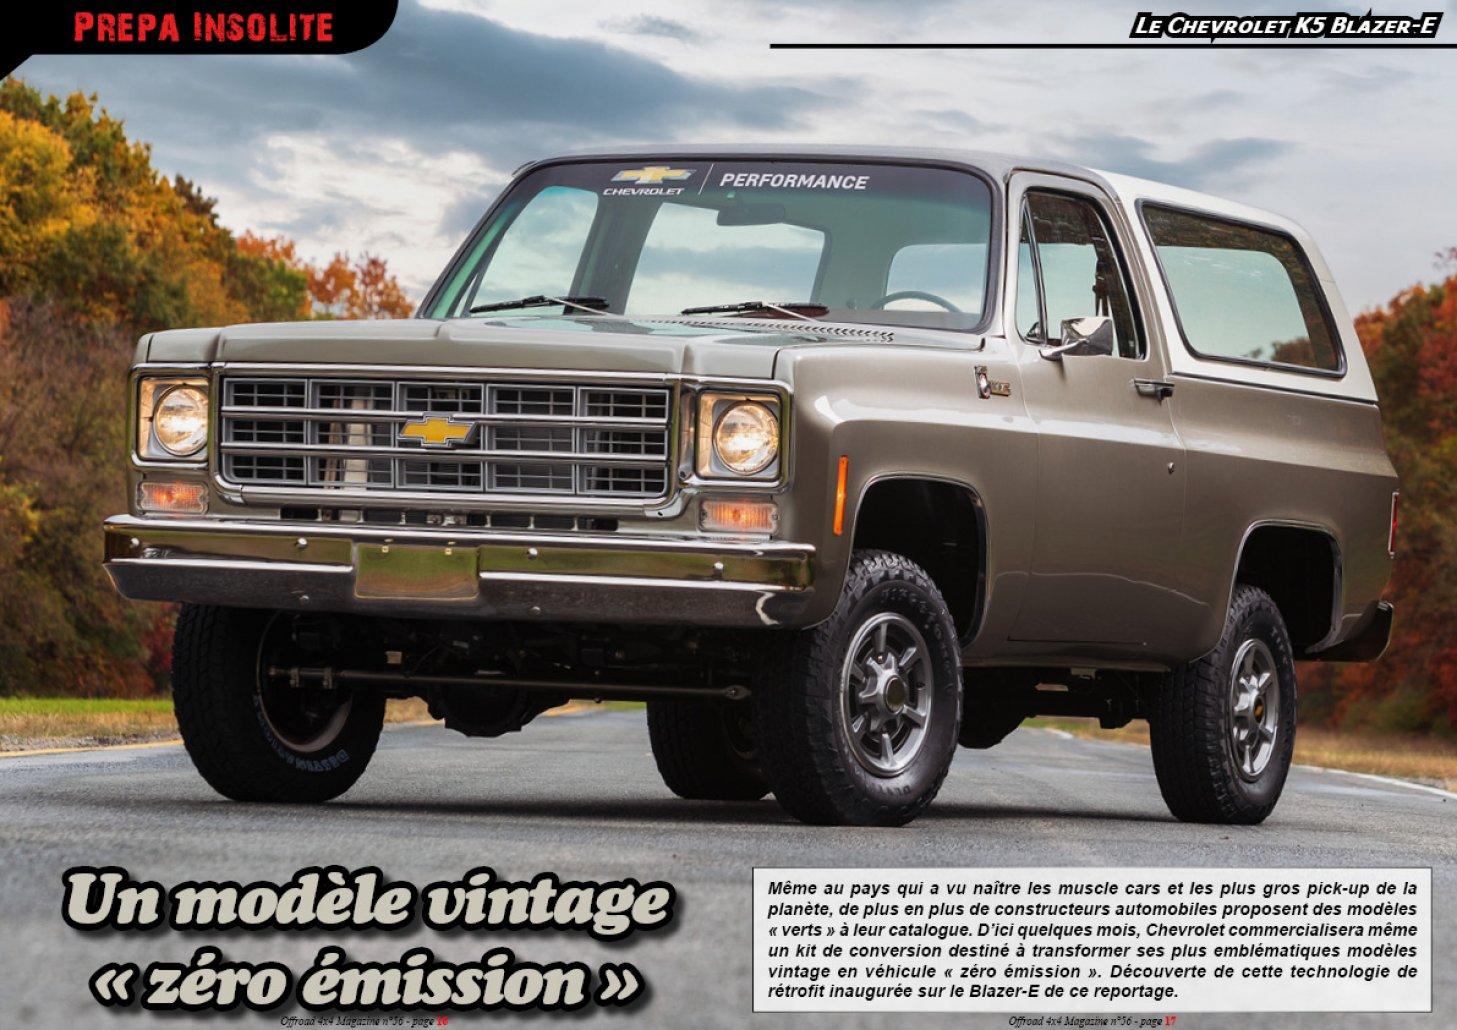 Le Chevrolet K5 Blazer-E